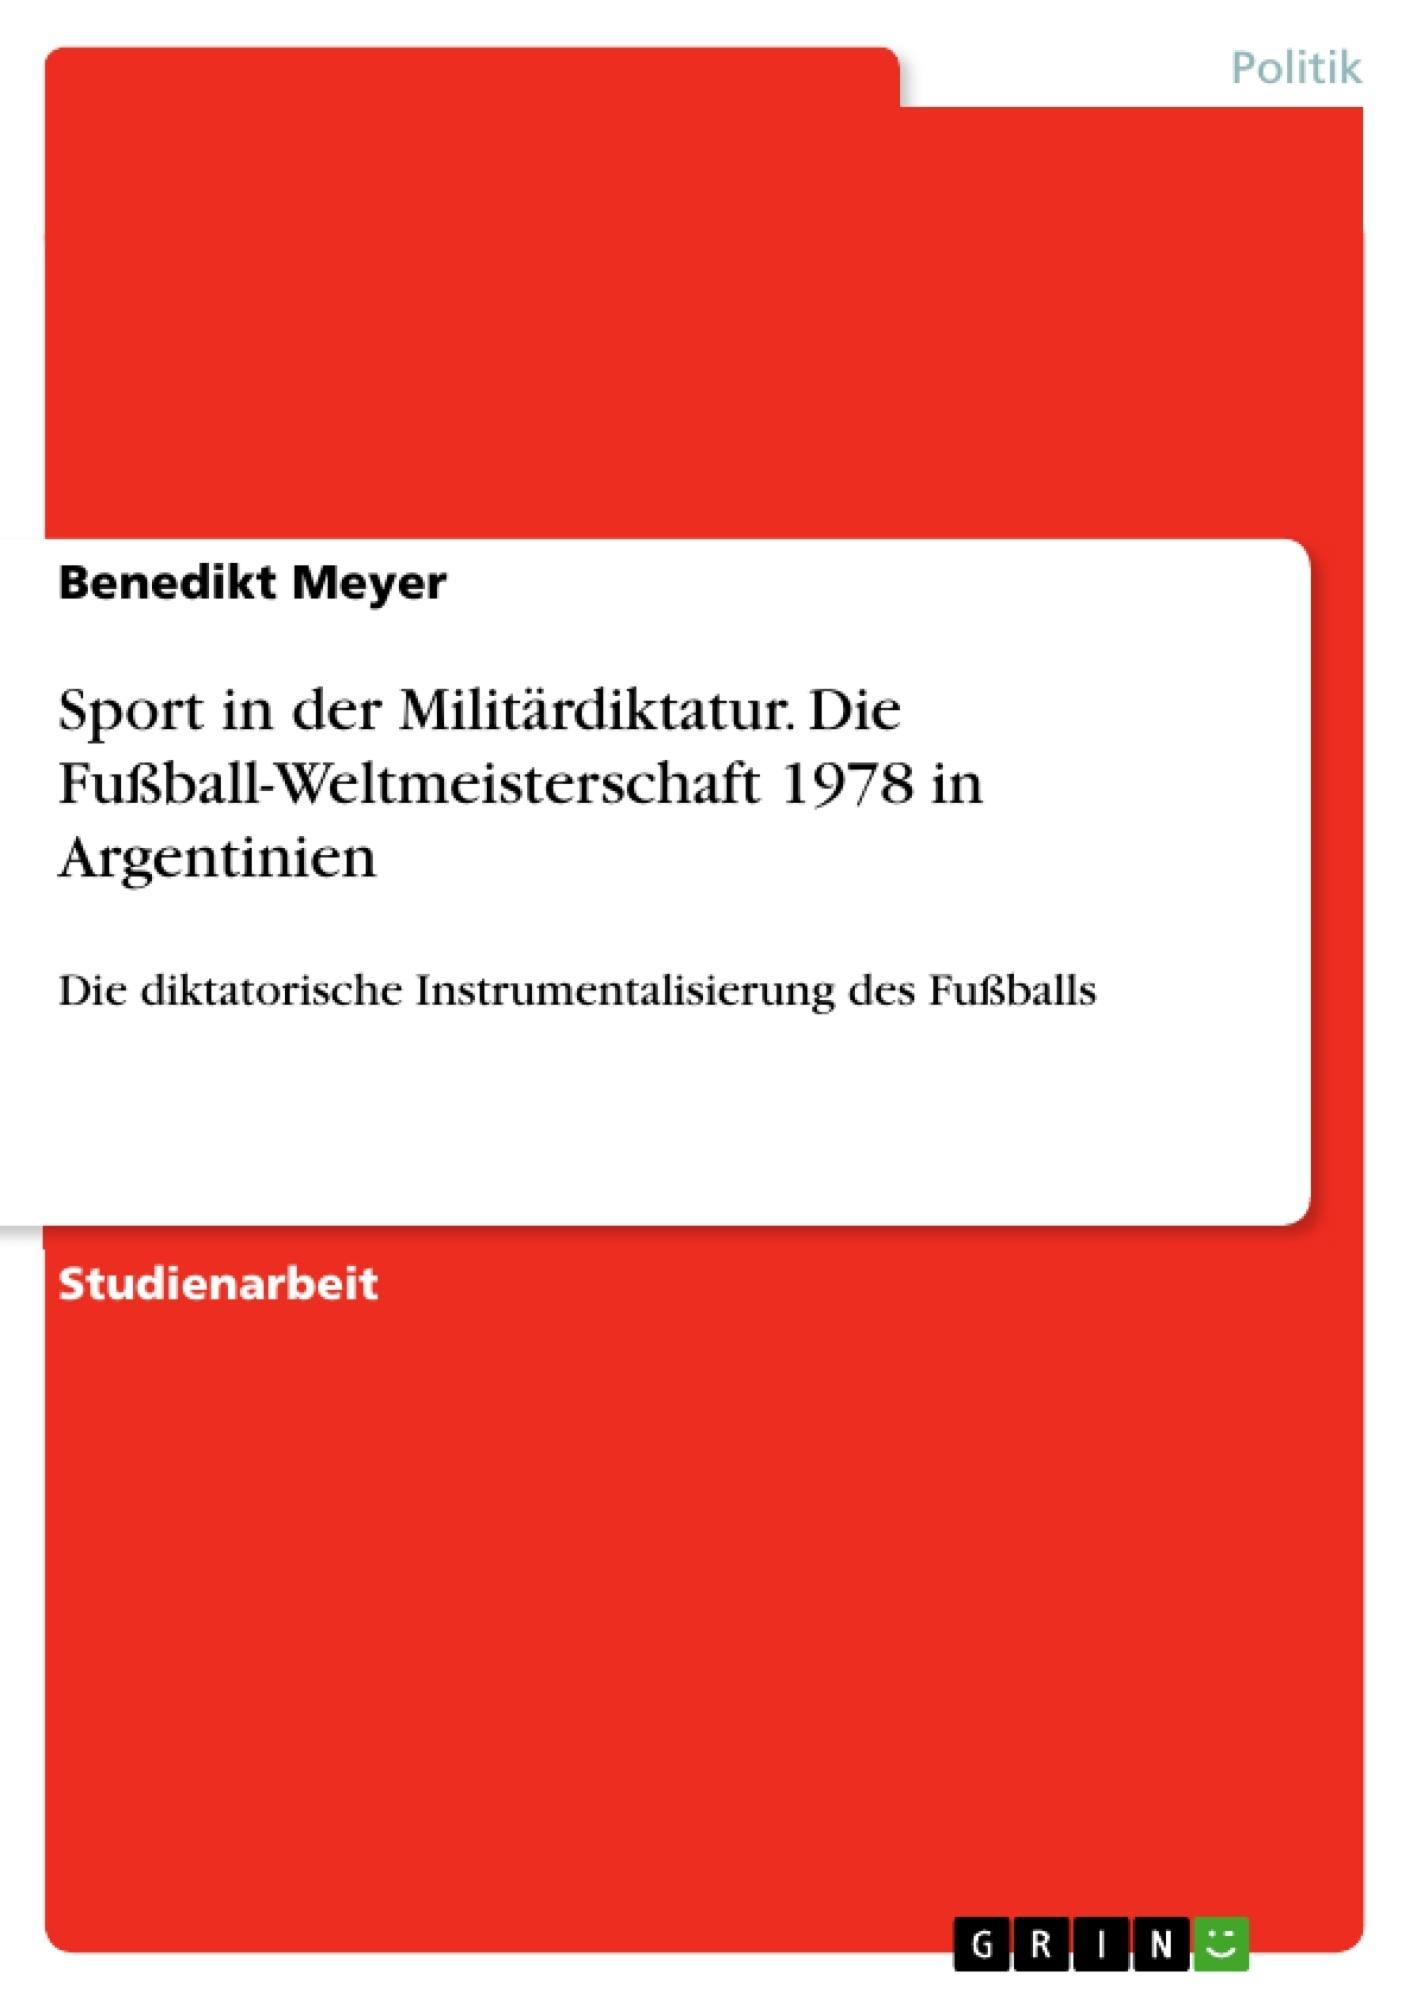 Titel: Sport in der Militärdiktatur. Die Fußball-Weltmeisterschaft 1978 in Argentinien